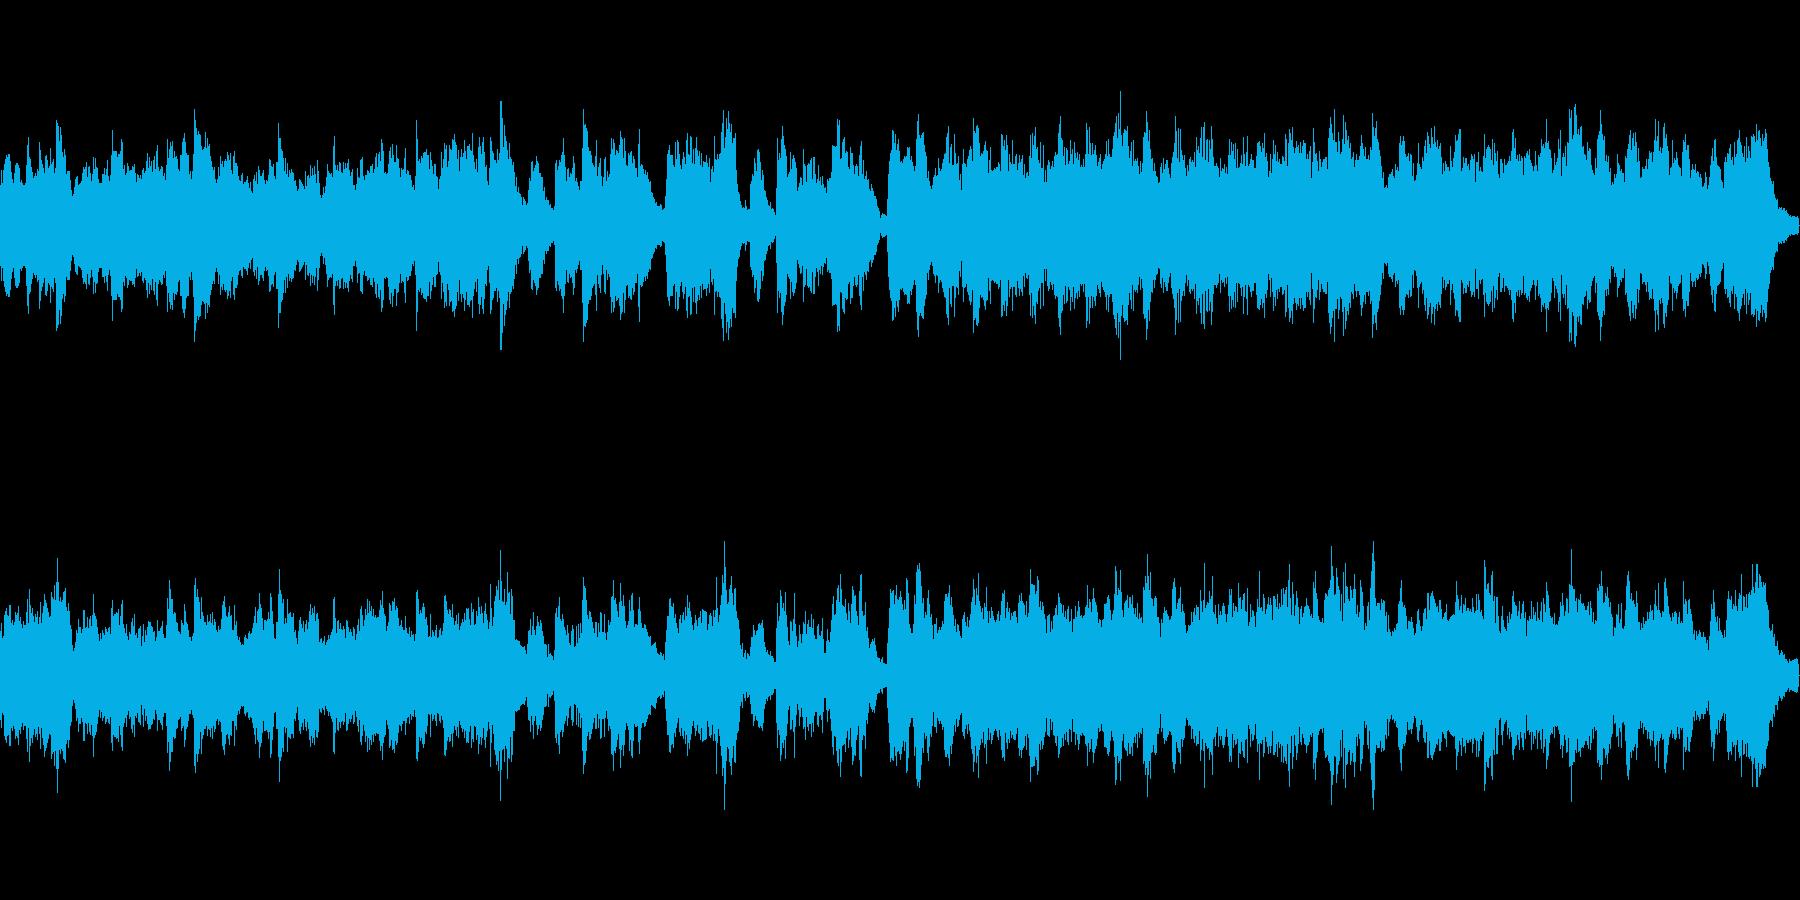 マリンバと木管のかわいらしい曲:ループ可の再生済みの波形